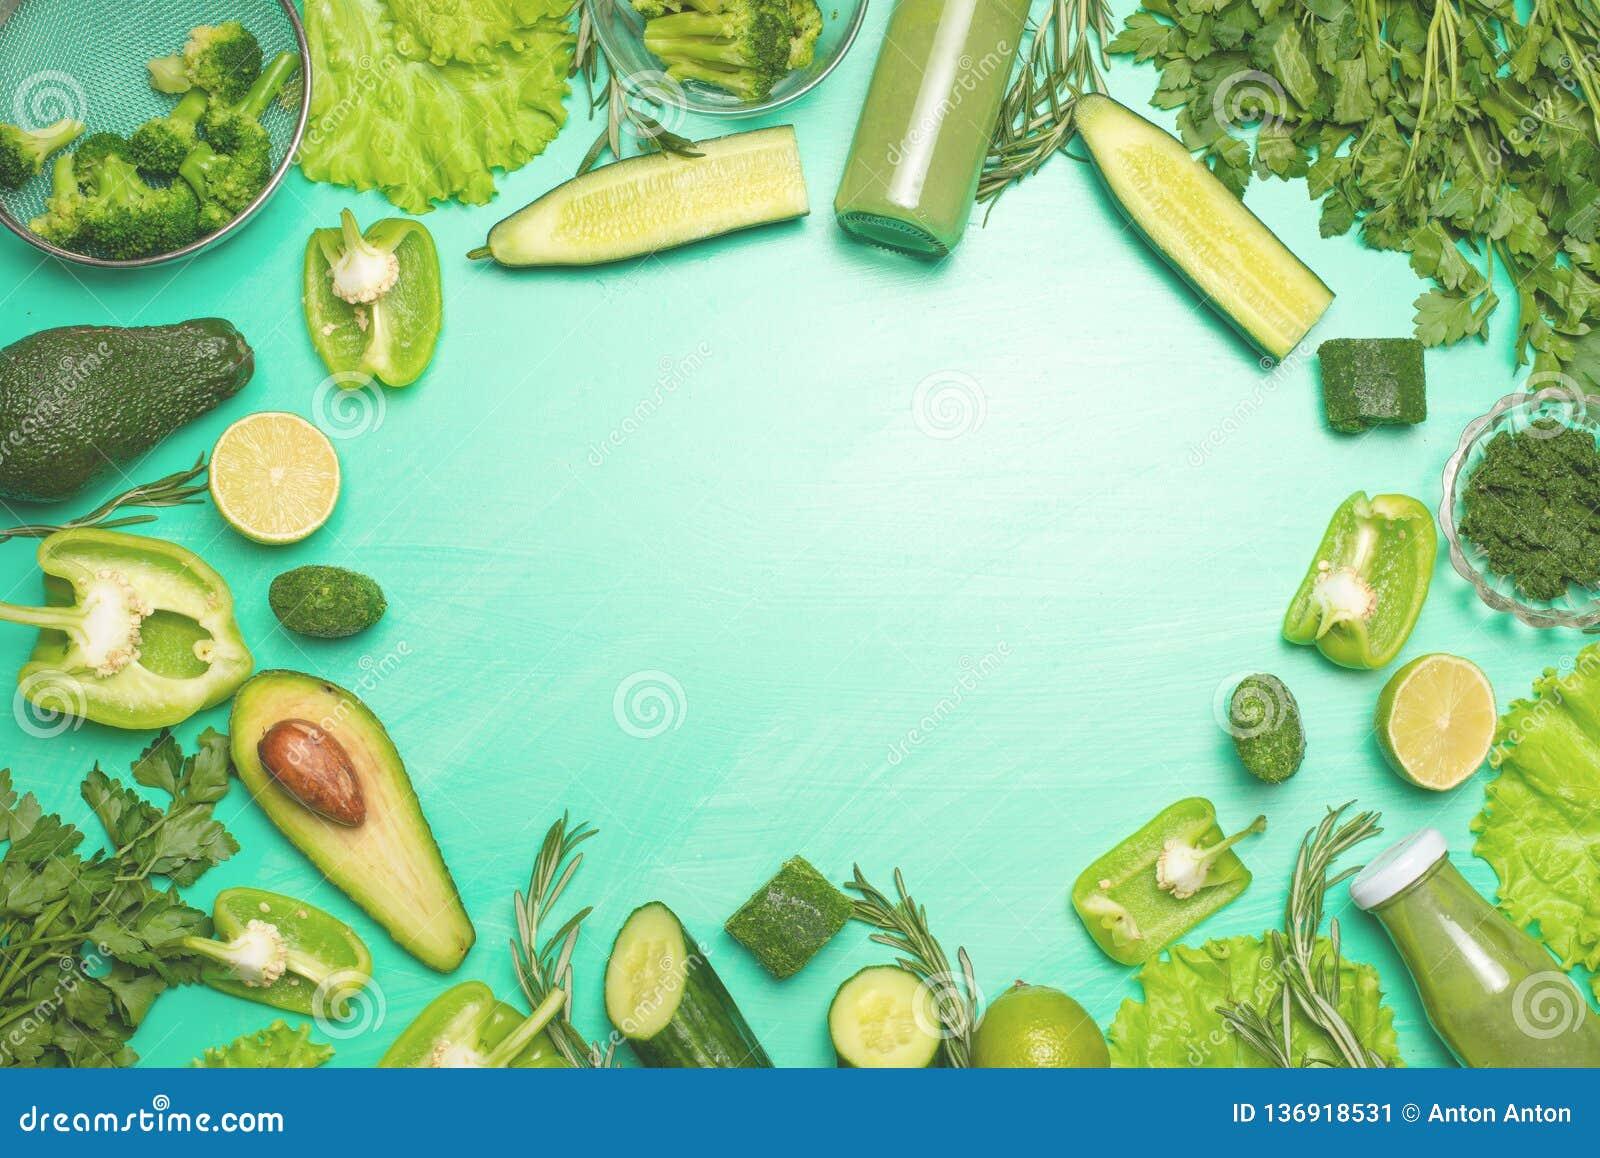 Légumes verts sur un fond vert Composition de detox et nutrition saine, régimes alimentaires sains et sports Bannière pour